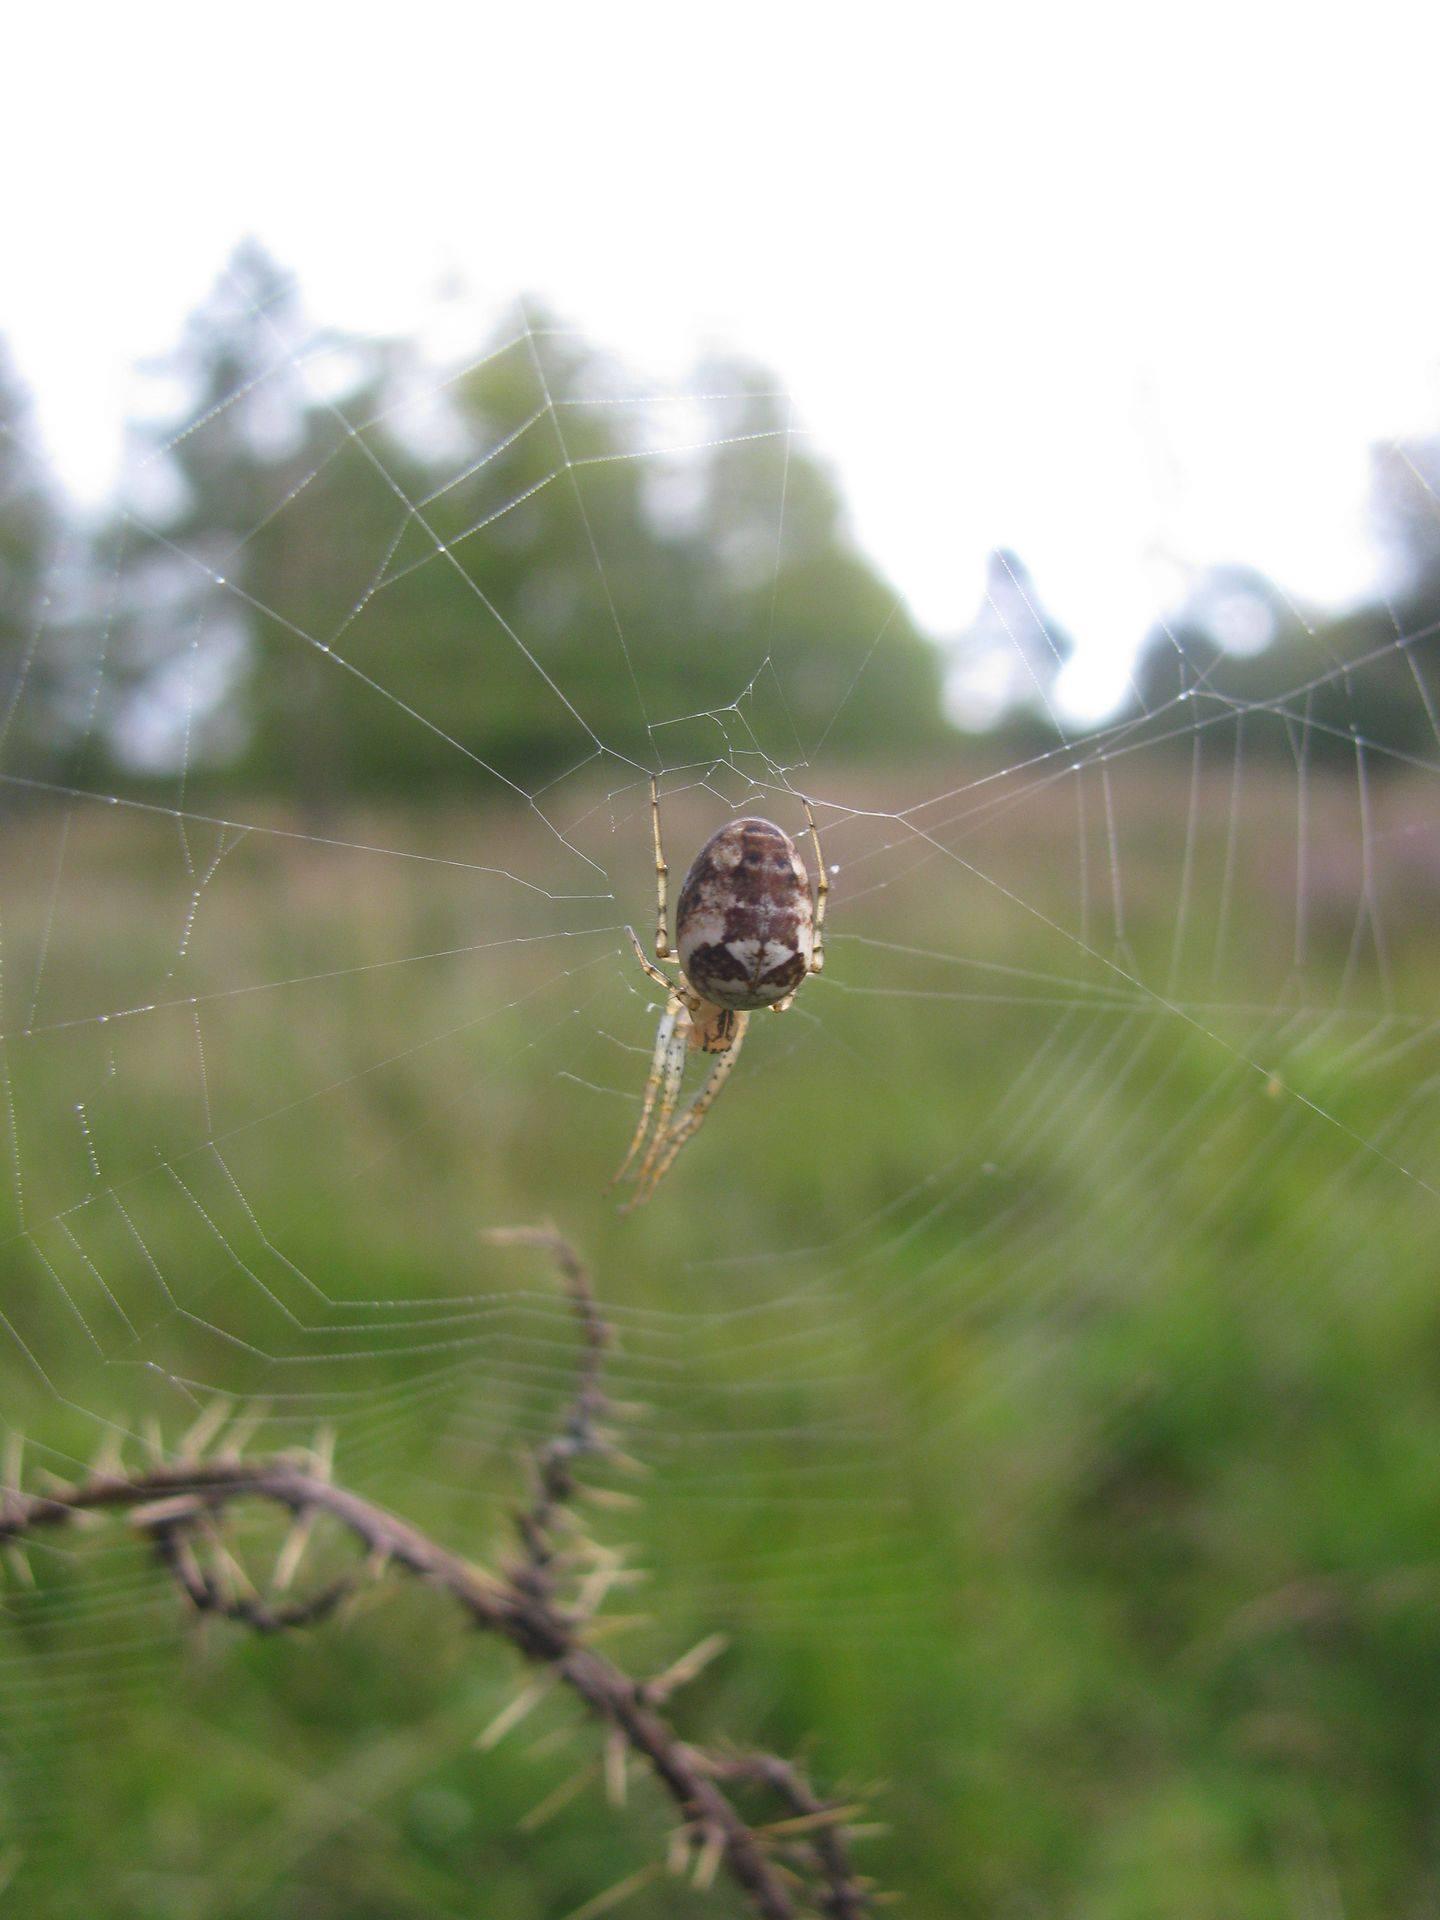 A Lesser Garden Spider